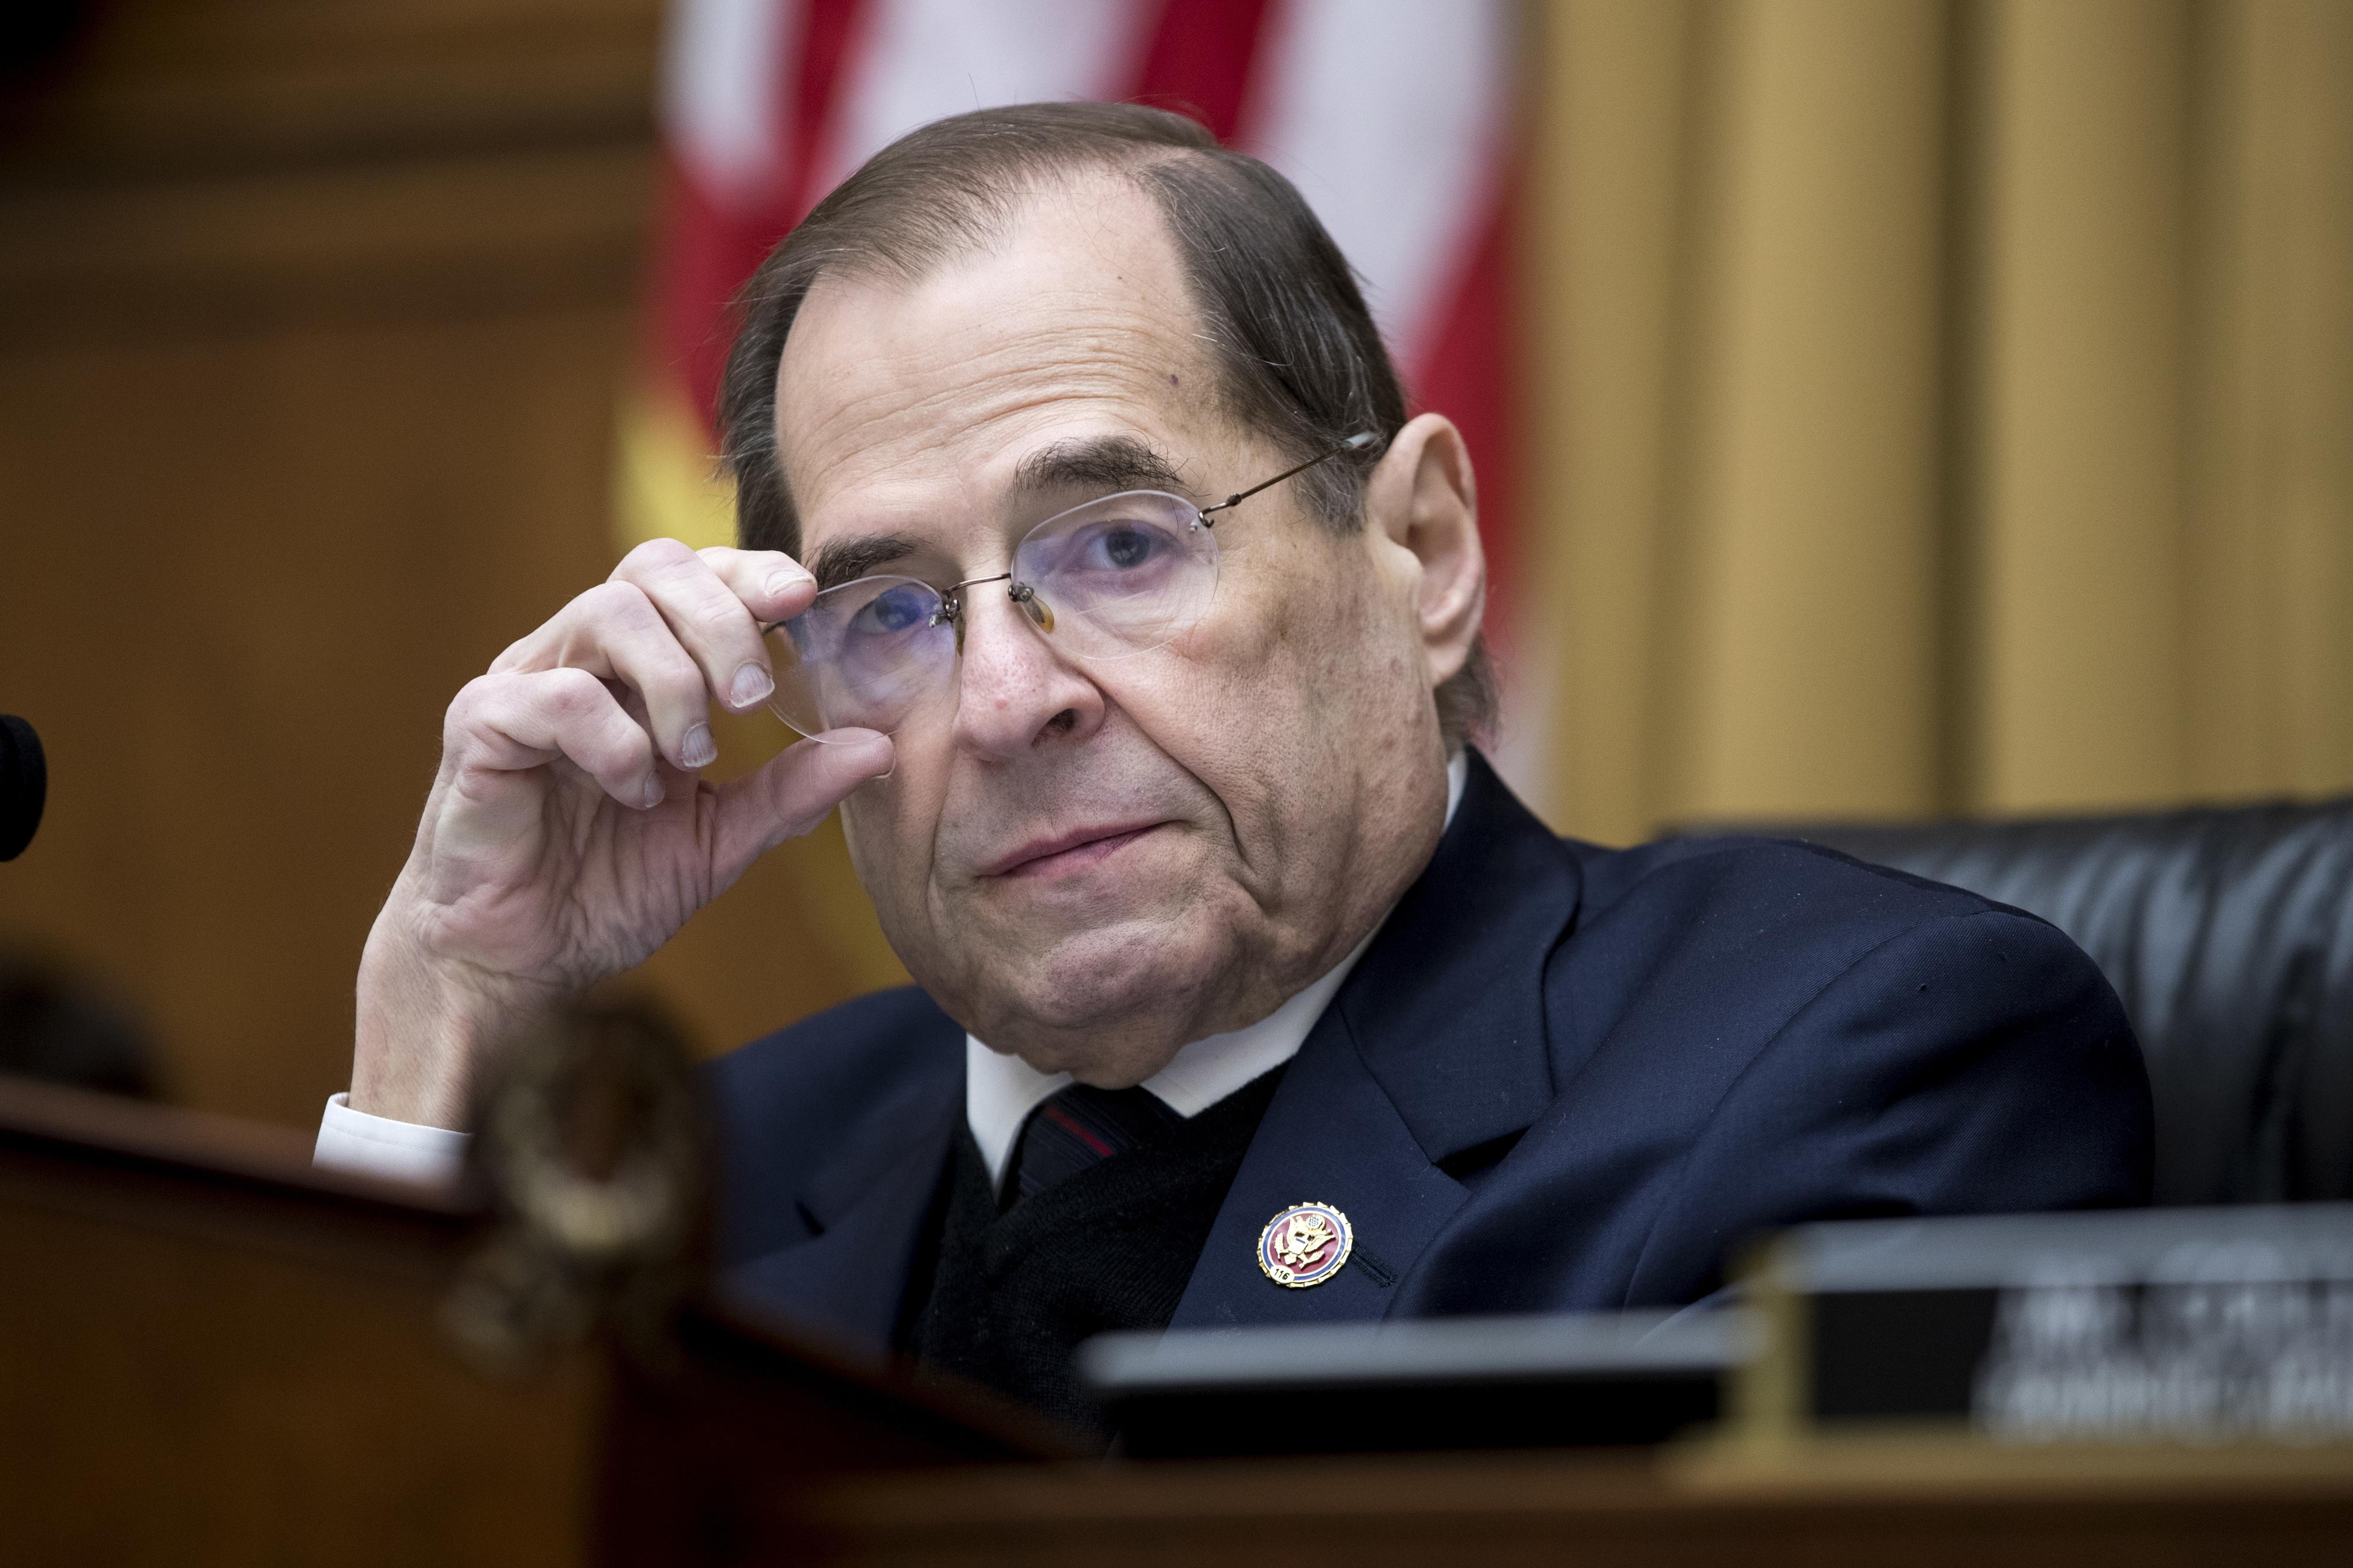 Comissão Judiciária da Câmara dos Representantes exige acesso a totalidade do relatório Mueller